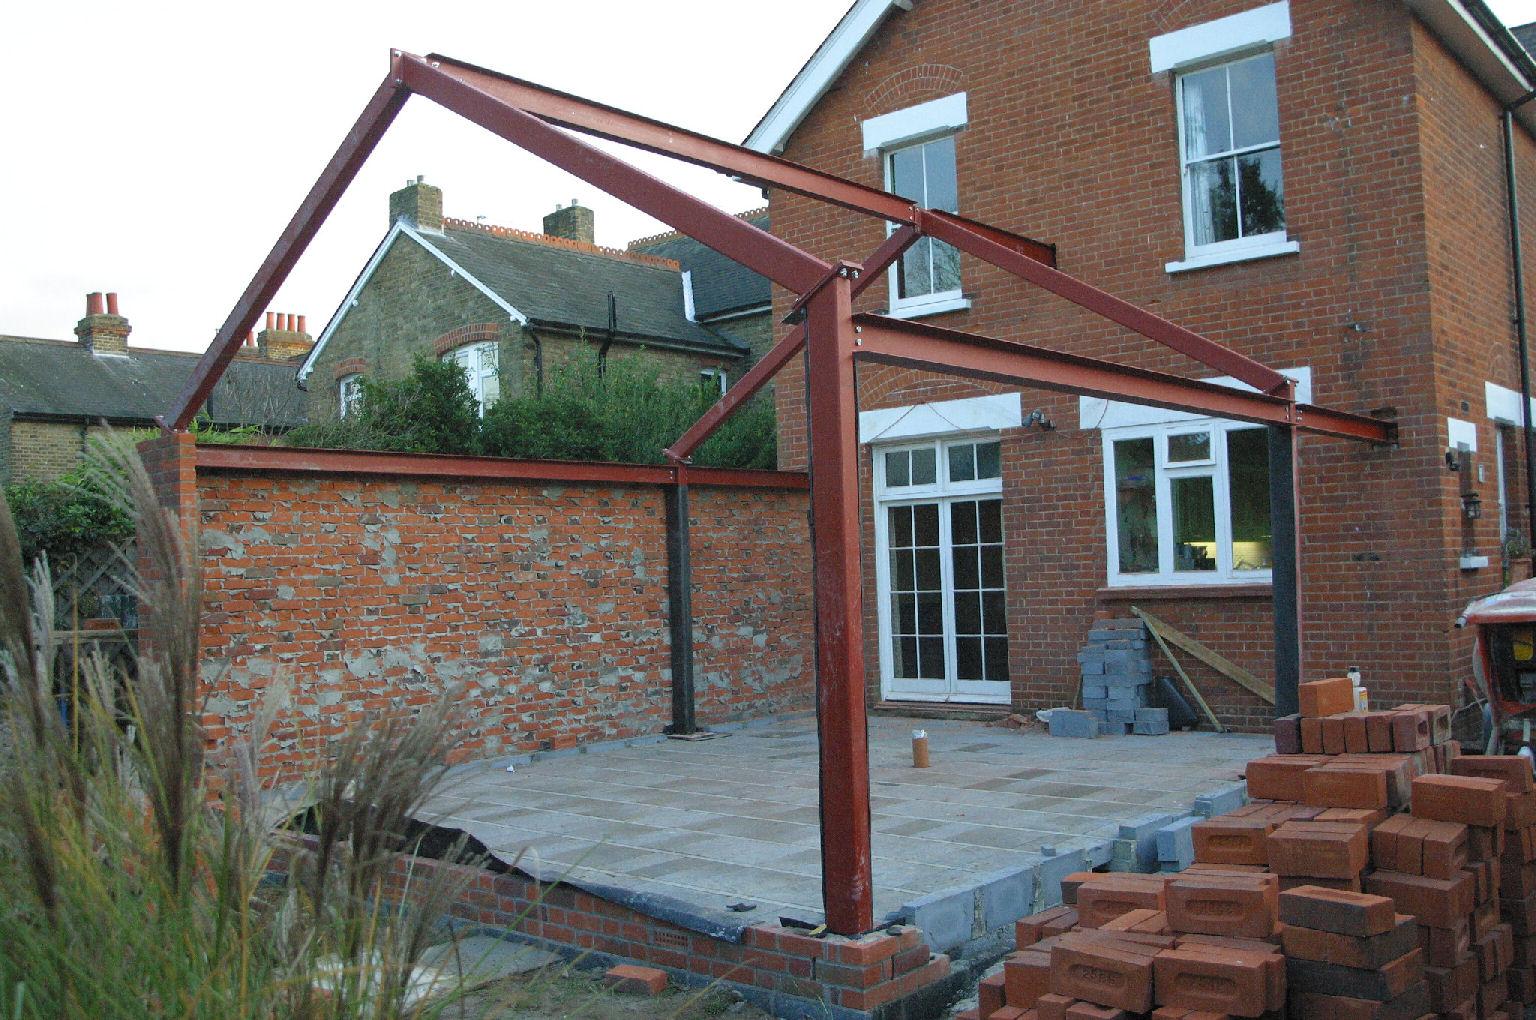 Garden rooms project 3 heritage orangeries for Wooden garden rooms extensions